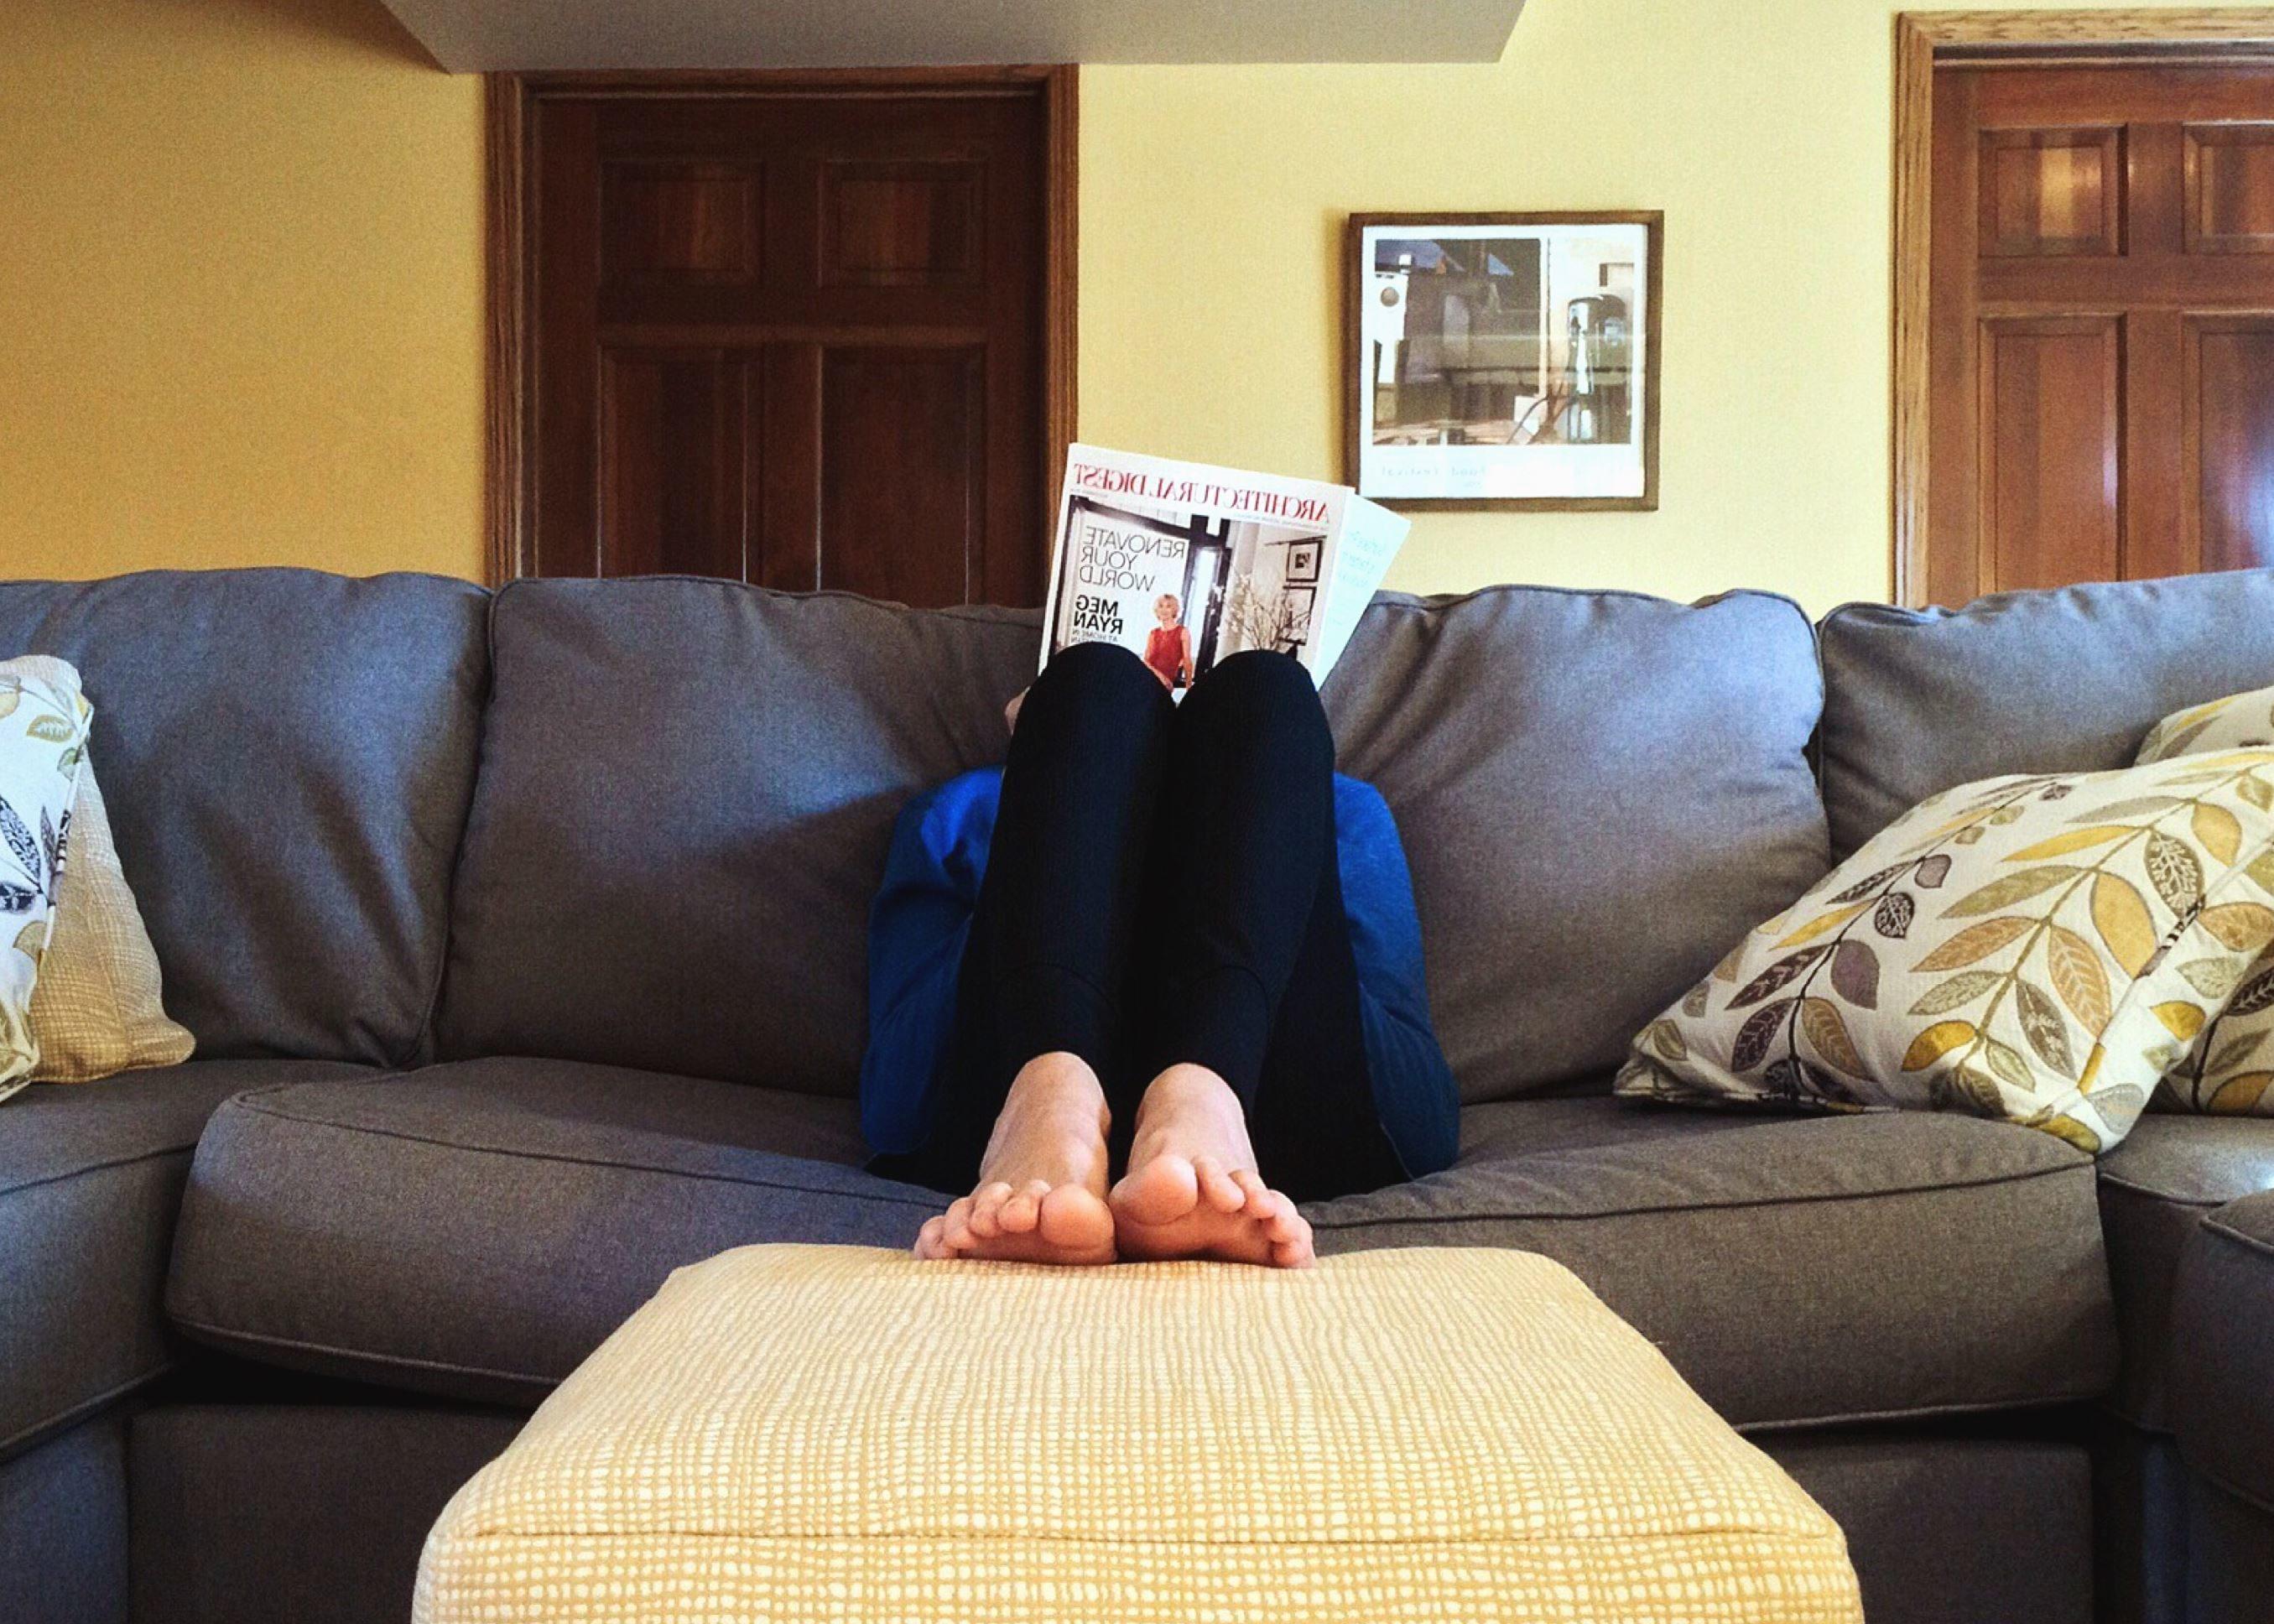 Kostenlose Bild: Zimmer, sofa, möbel, innen, zuhause, bett, dekor ...